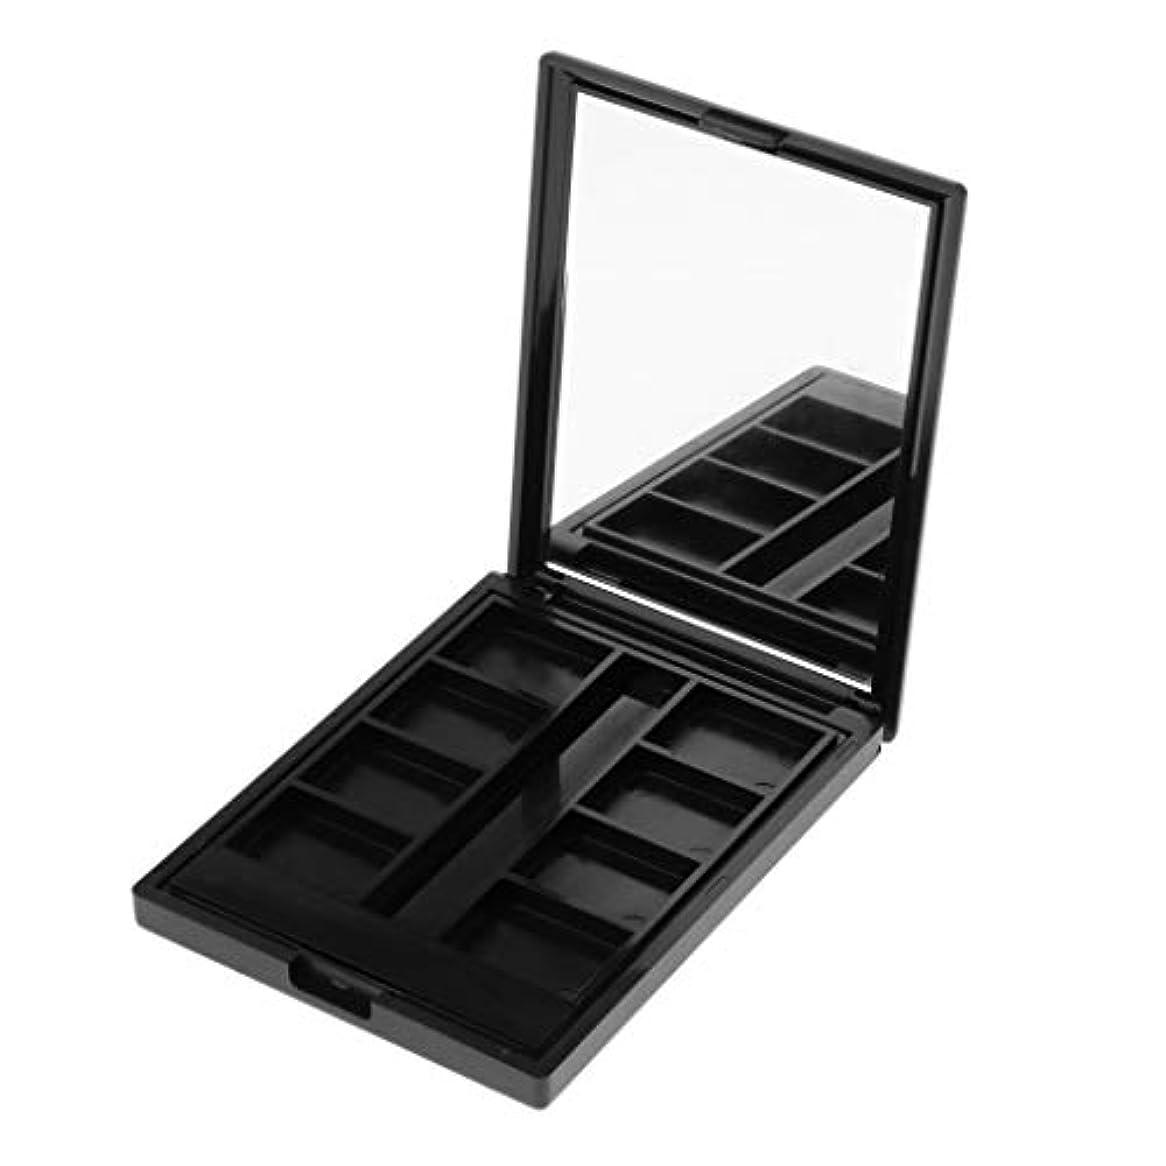 処方するほのめかす韻Sharplace 空ケース メイクアップパレット リップグロス コスメ 手作り収納ケーキ DIY 2タイプ選べ - 8グリッド